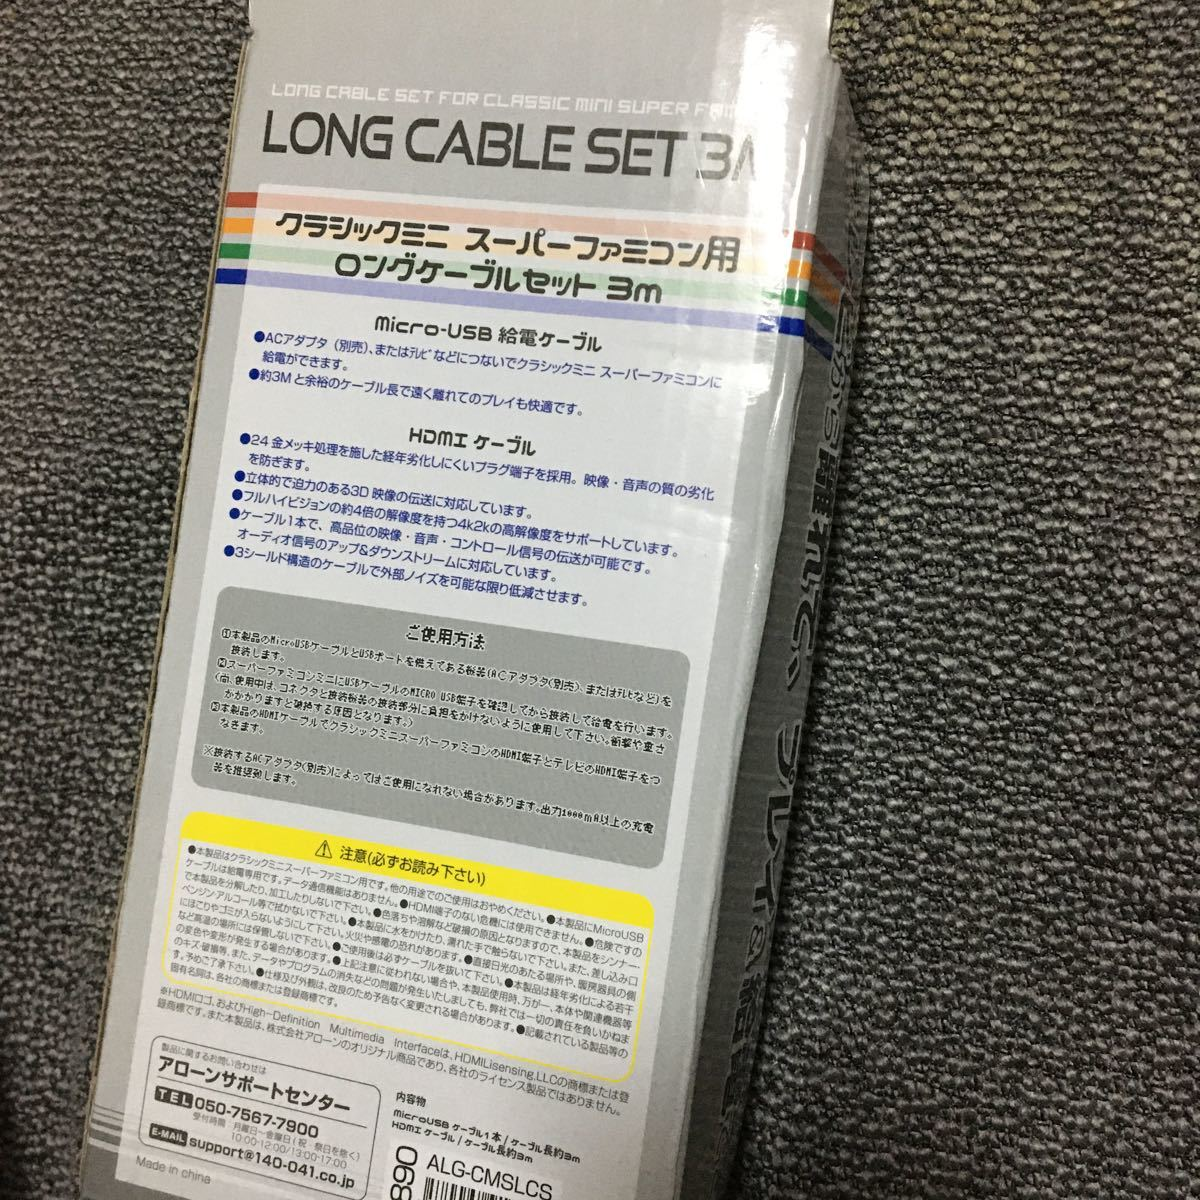 クラシックミニ スーパーファミコン用 ロングケーブルセット 3m ケーブル スーファミ